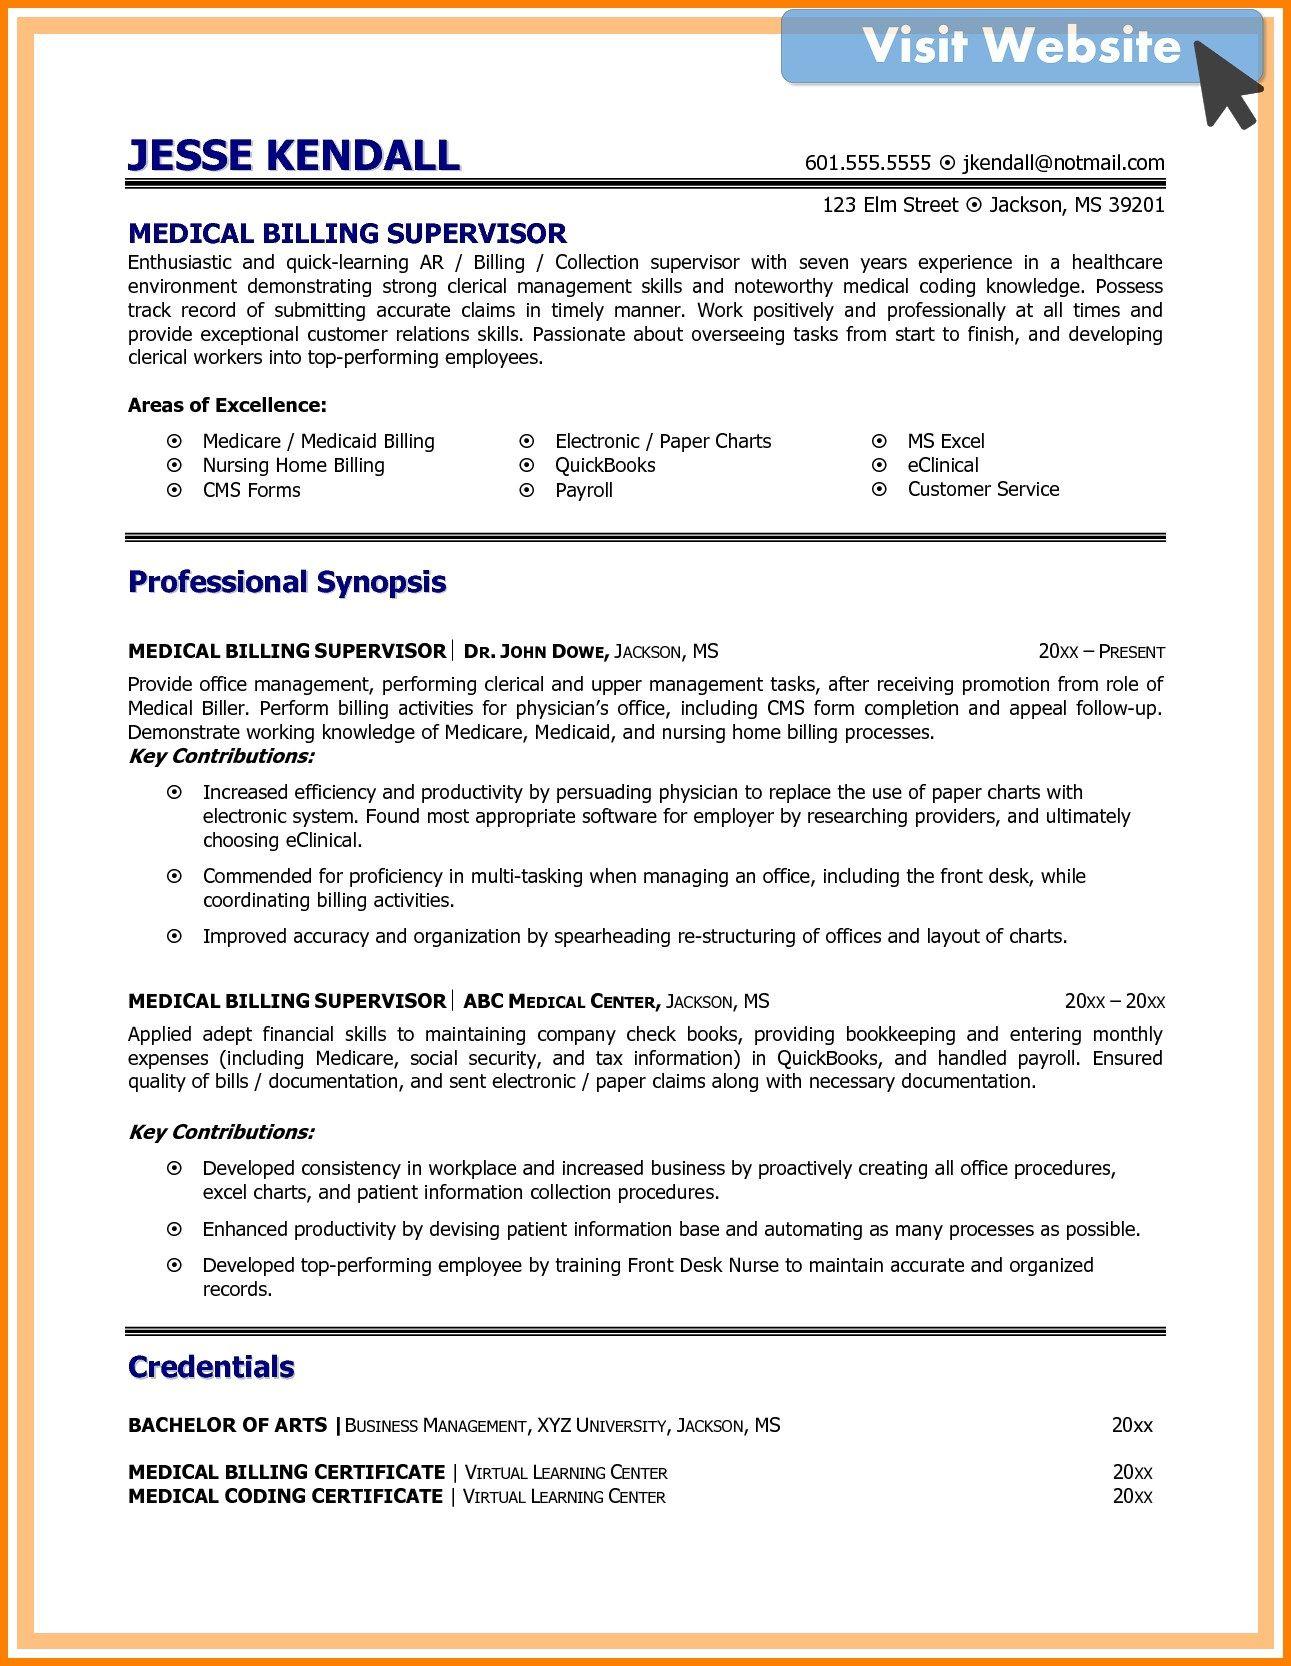 Office Manager Resume Sample Medical Coder Resume Medical Billing And Coding Medical Biller